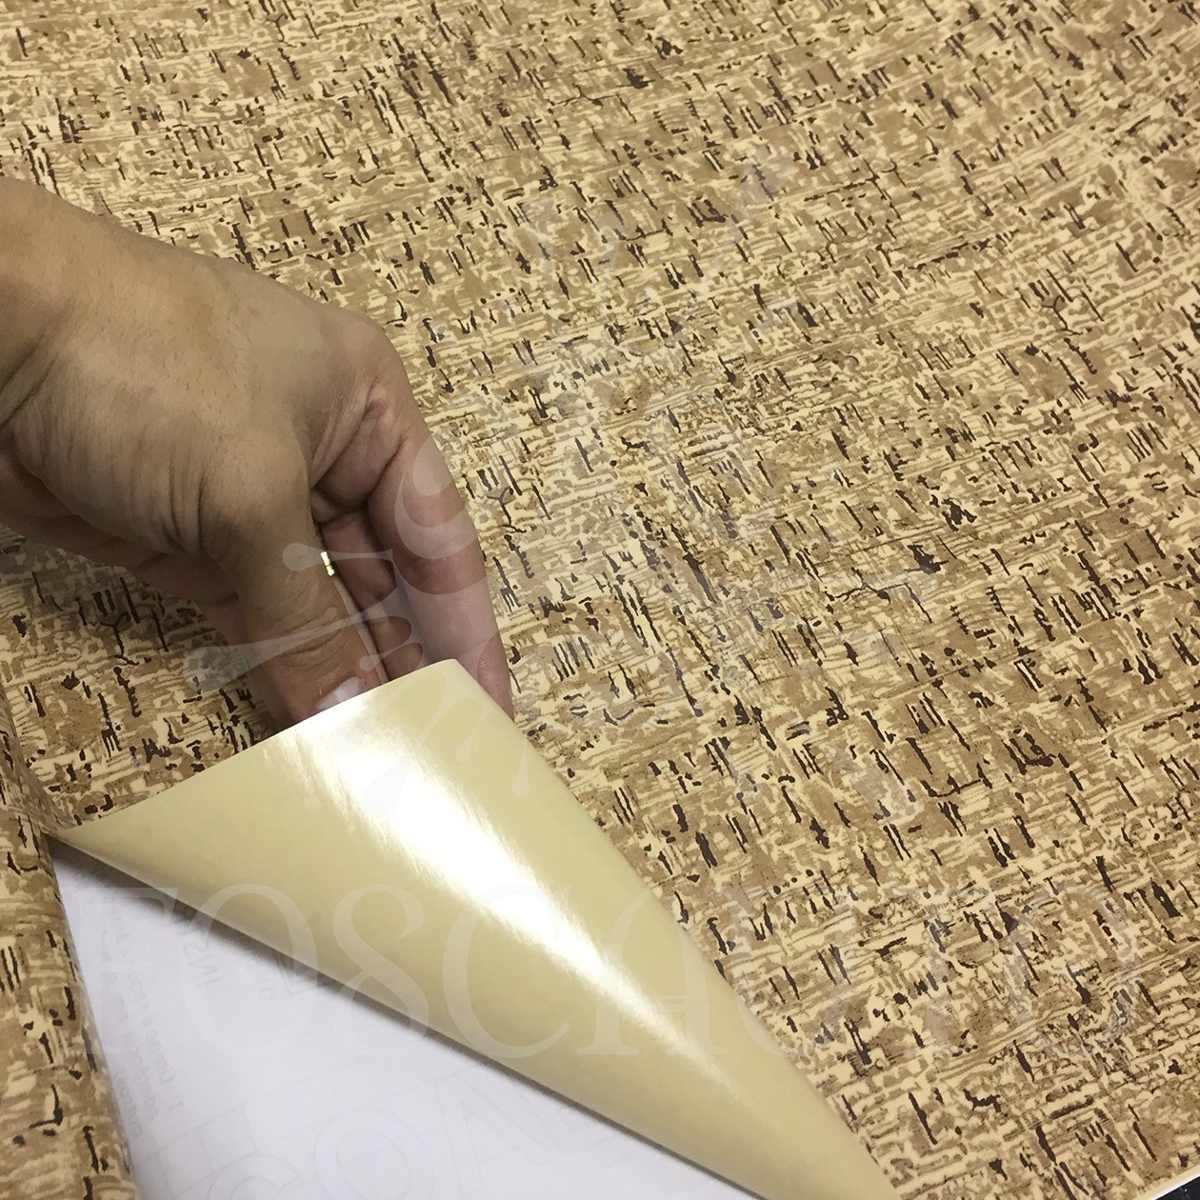 Adesivo De Fogo Para Carros ~ Papel Contact Auto Adesivo Imita Madeira Cortiça 10mx45cm R$ 110,00 em Mercado Livre